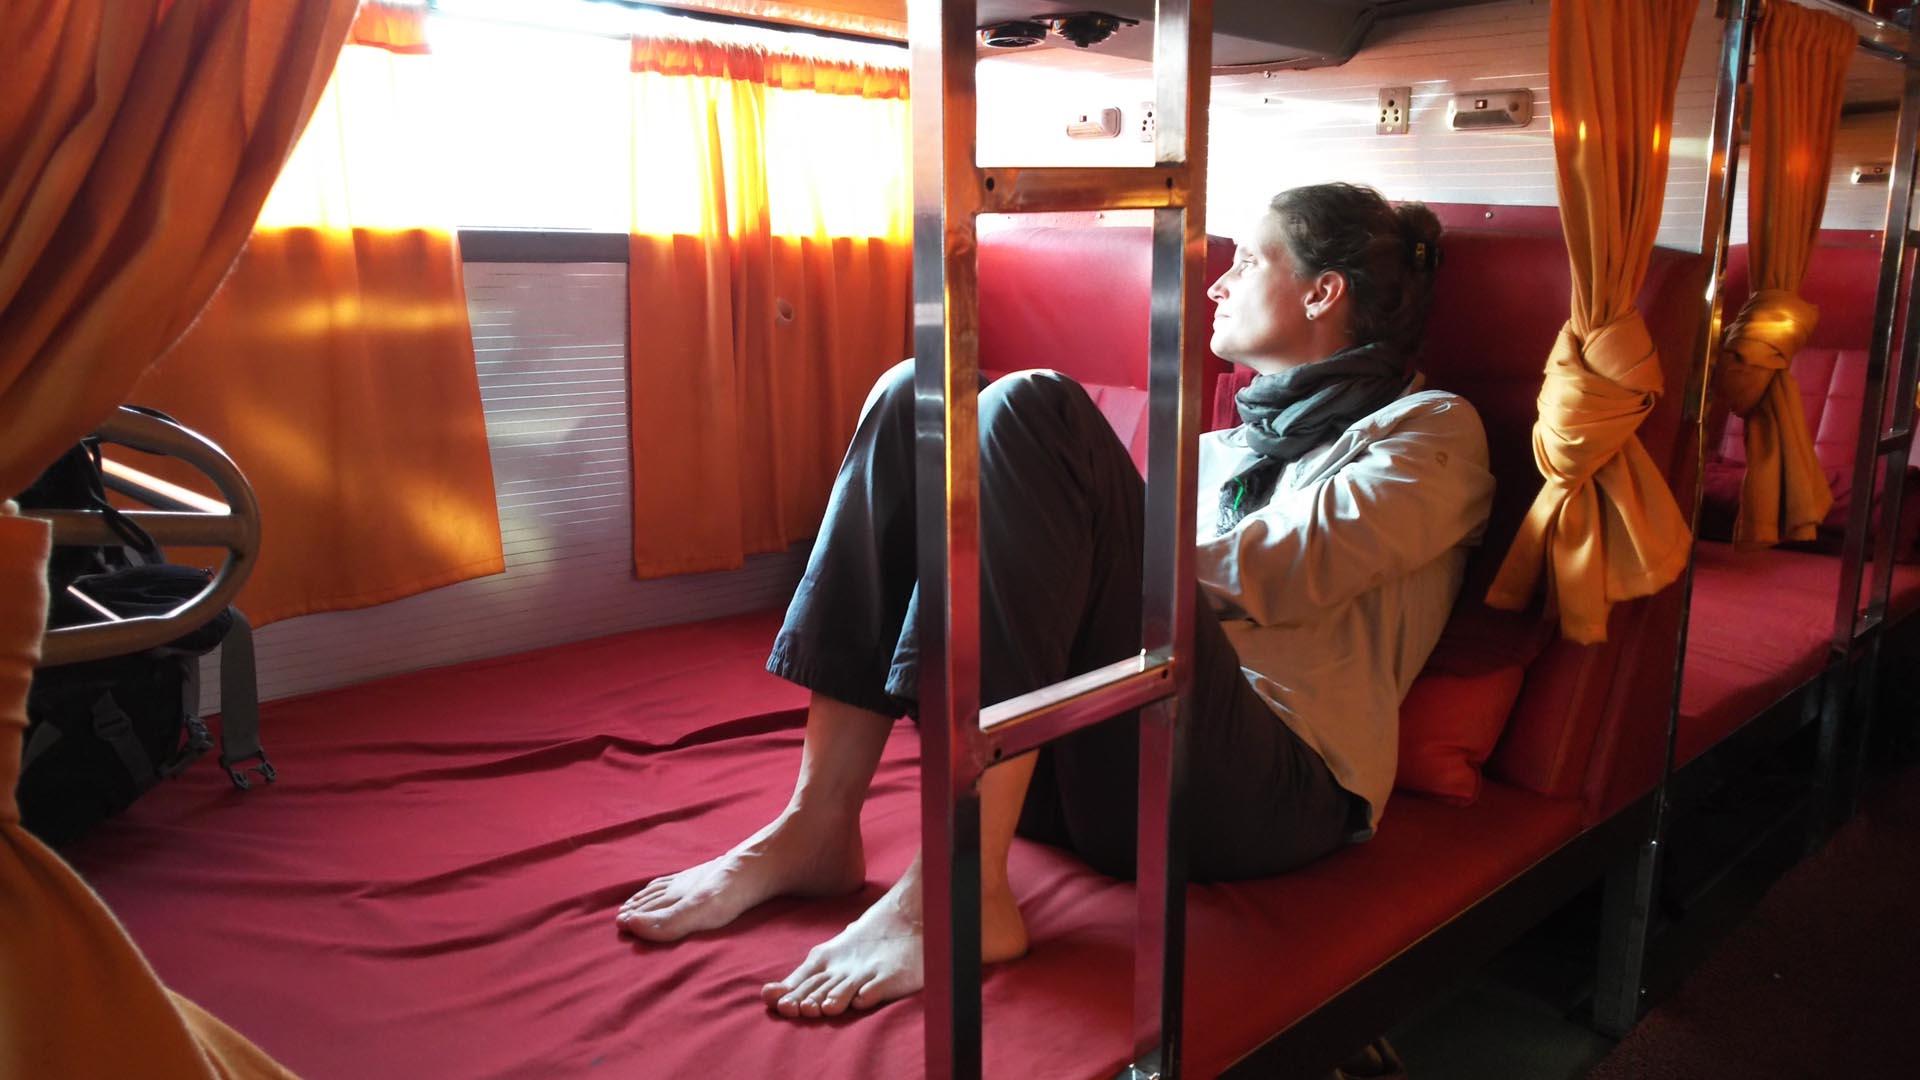 reise-ansichten schlafbus indien